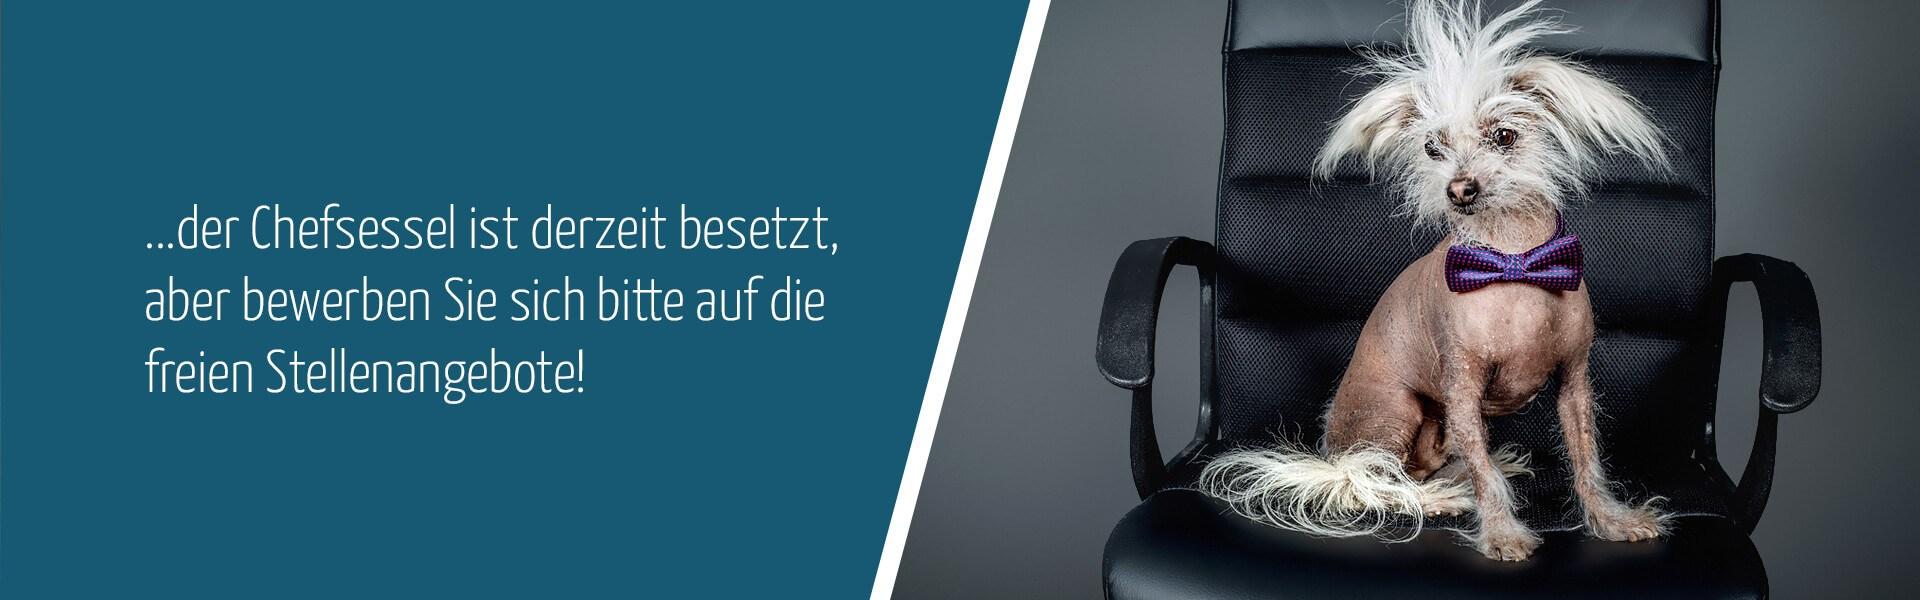 Aktuelle Stellenangebote bei contrast - Schulbegleiter / Persönliche Assistenz in Hannover